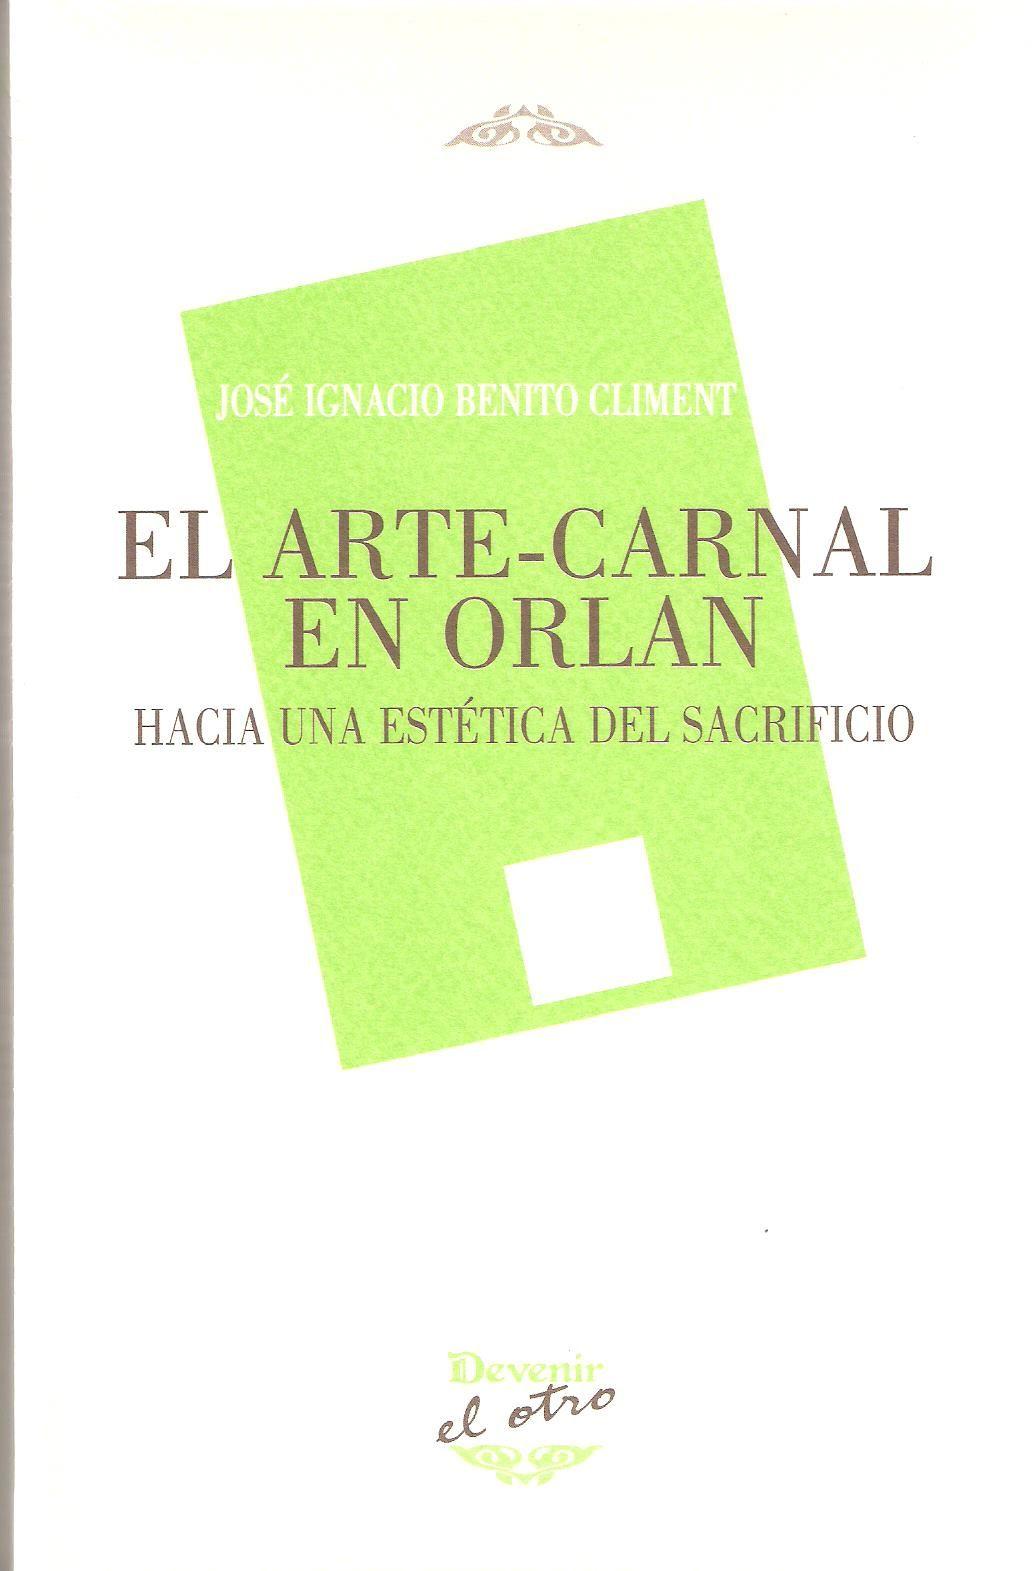 El arte-carnal en Orlan : hacia una estética del sacrificio / José Ignacio Benito Climent. -- Madrid : Devenir, 2013 ISBN 978-84-92877-51-5.   http://absysnet.bbtk.ull.es/cgi-bin/abnetopac01?TITN=490135